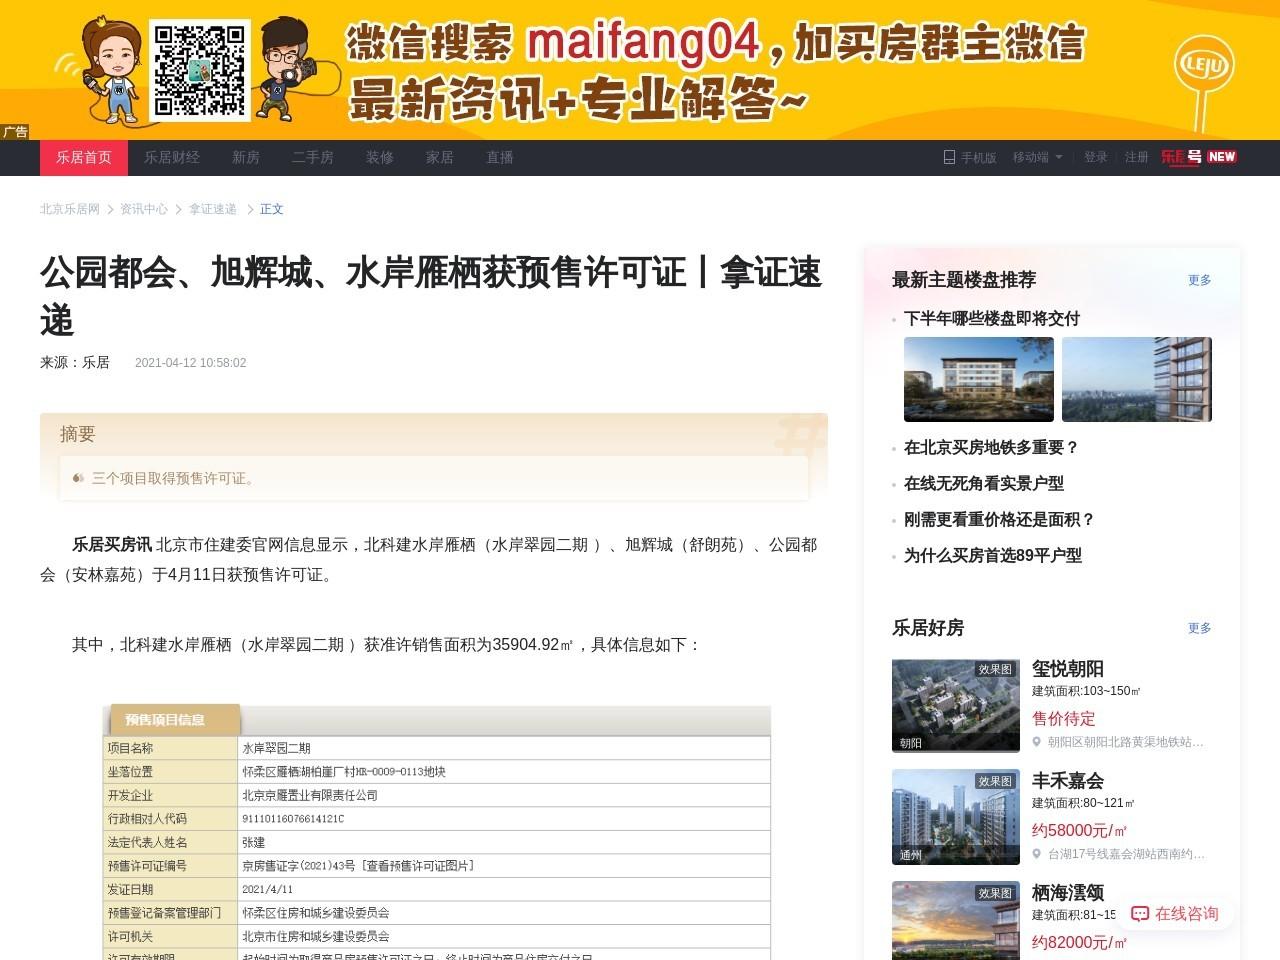 公园都会、旭辉城、水岸雁栖获预售许可证丨拿证速递-拿证速递-北京乐居网